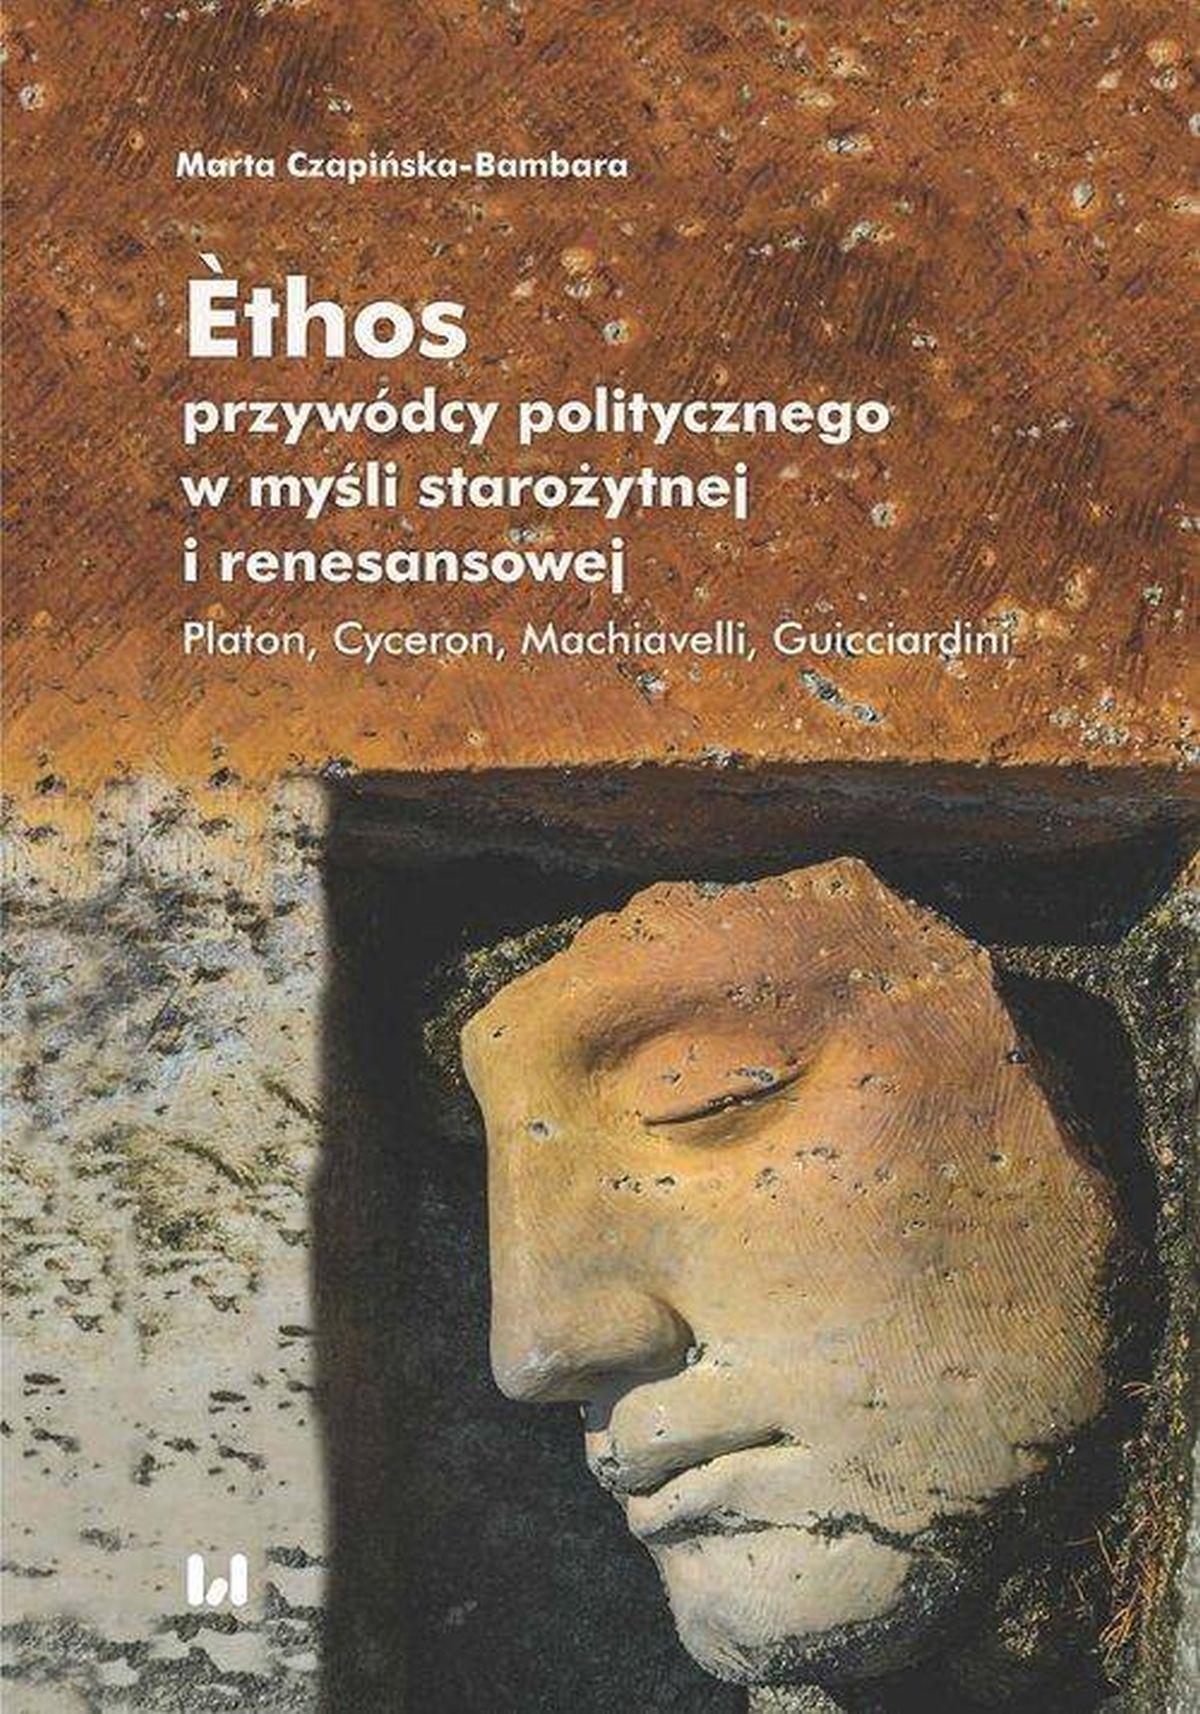 Ethos przywódcy politycznego w myśli starożytnej i renesansowej. Platon, Cyceron, Machiavelli, Guicciardini